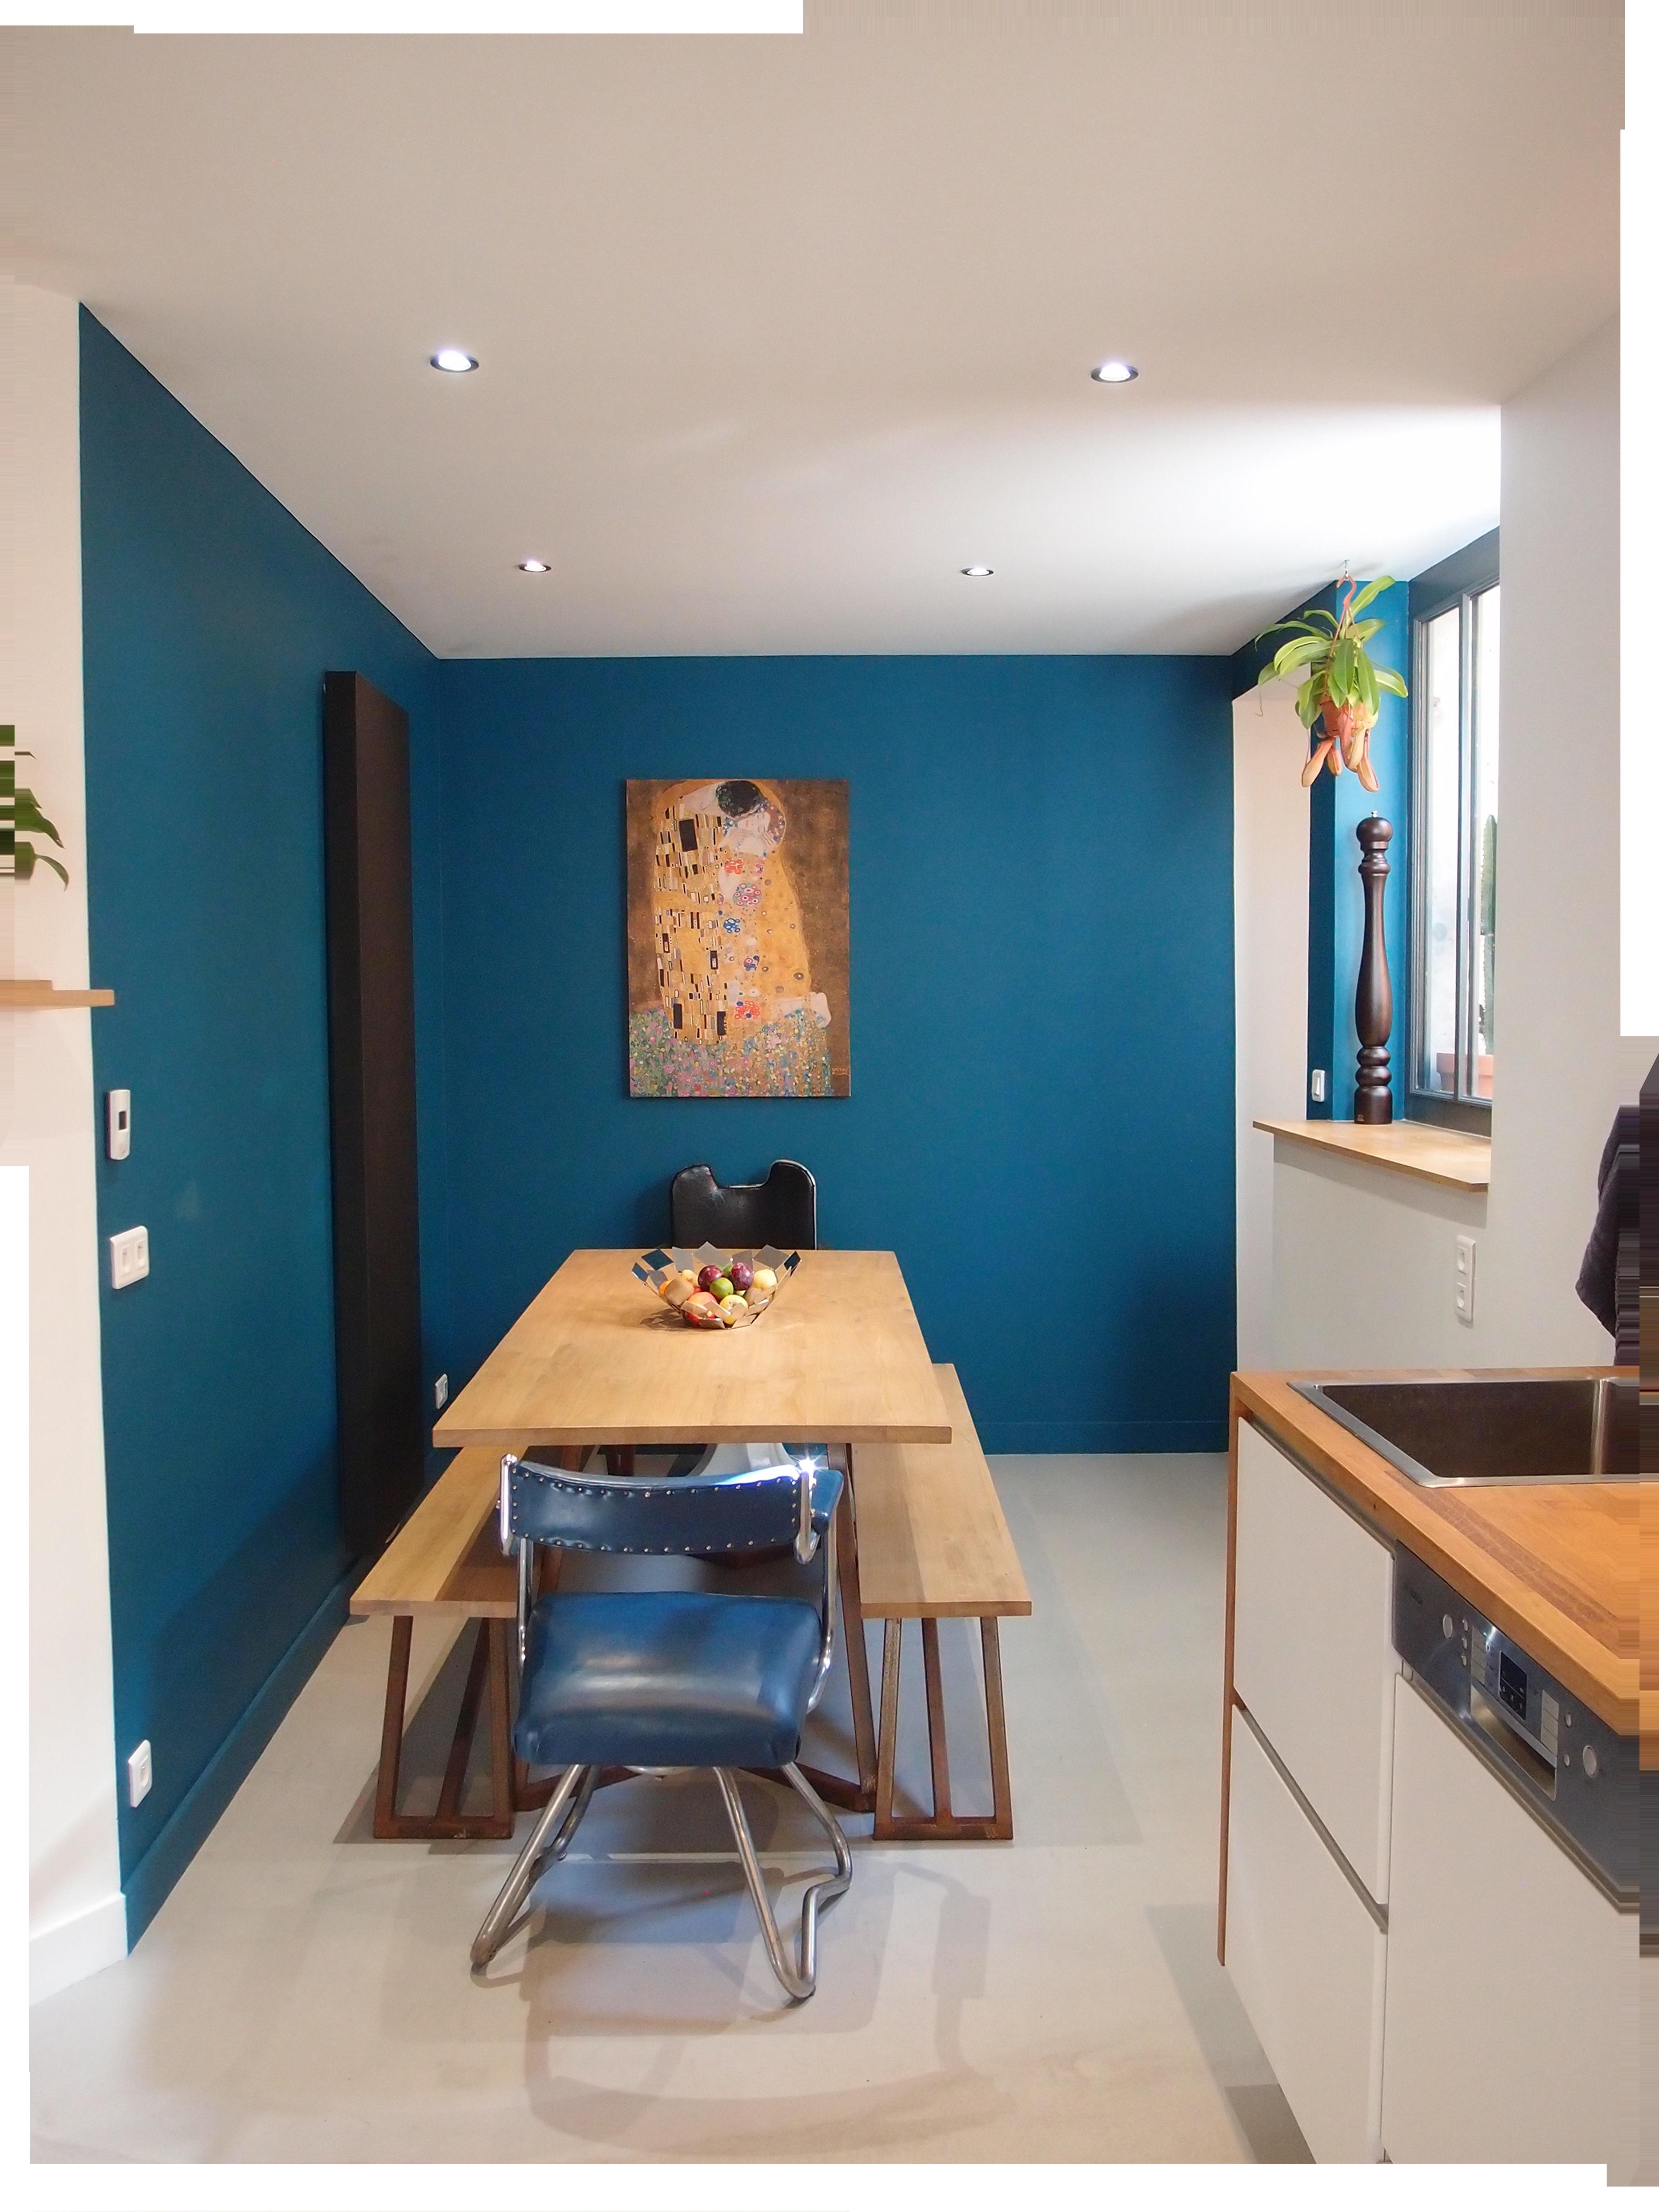 Cuisine avec espace repas suite réaménagement et nouvelle décoration intérieure